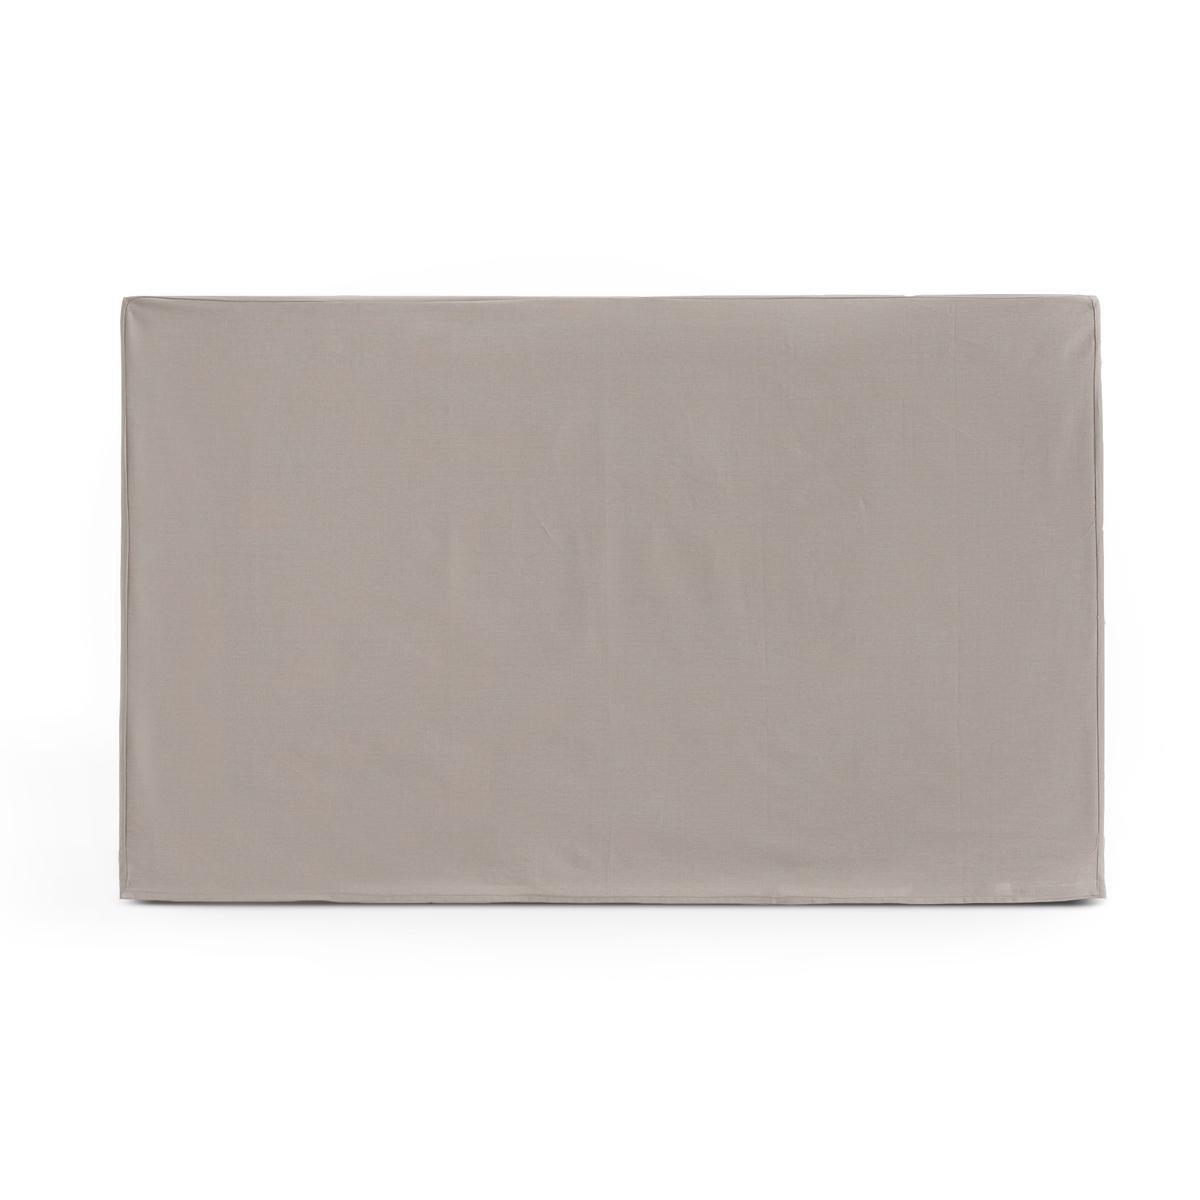 Чехол LaRedoute Для изголовья кровати прямоугольной формы из хлопка SCENARIO 160 x 85 см бежевый